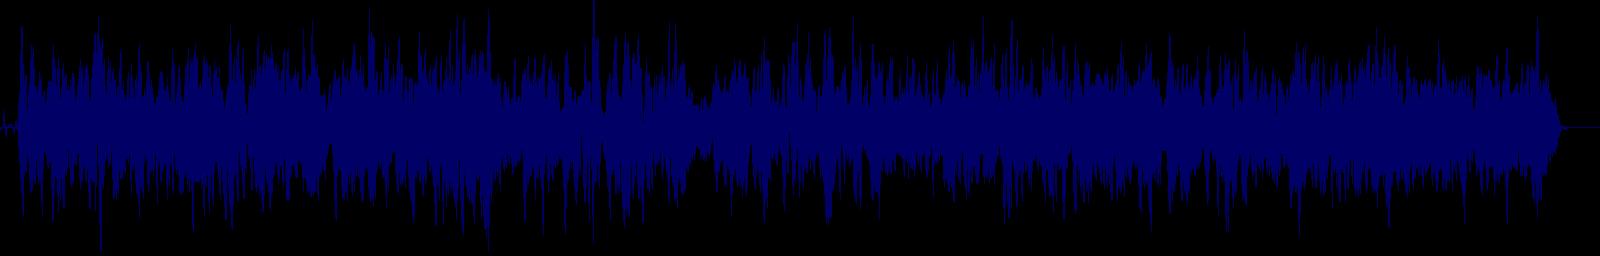 waveform of track #146581